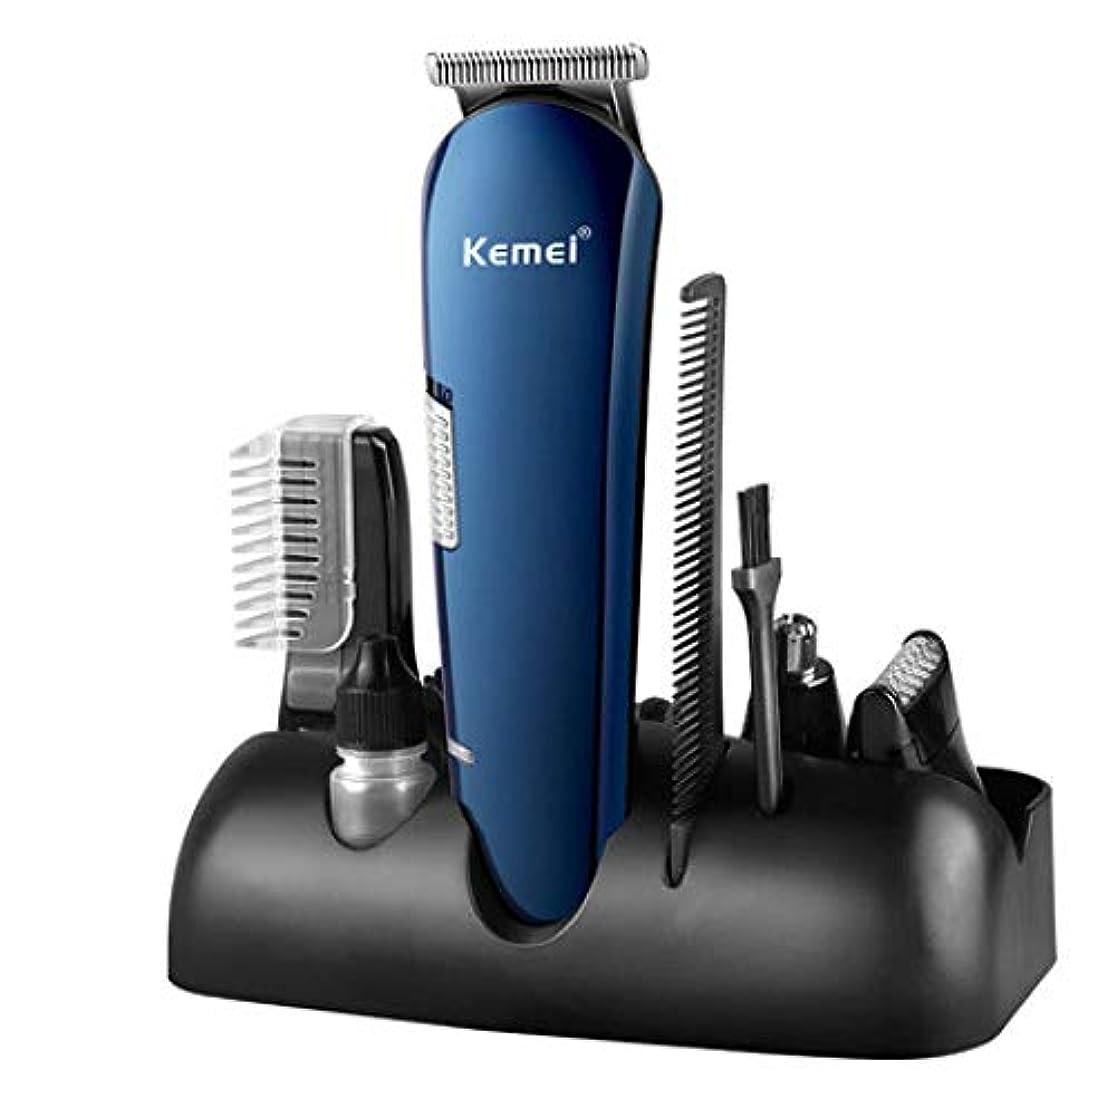 パールモートリンスQINJLI 電気バリカン、多機能オイル頭剃るシェービング彫刻ニックス鼻毛 5 つの充電式、15.7 * 4.3 Cm